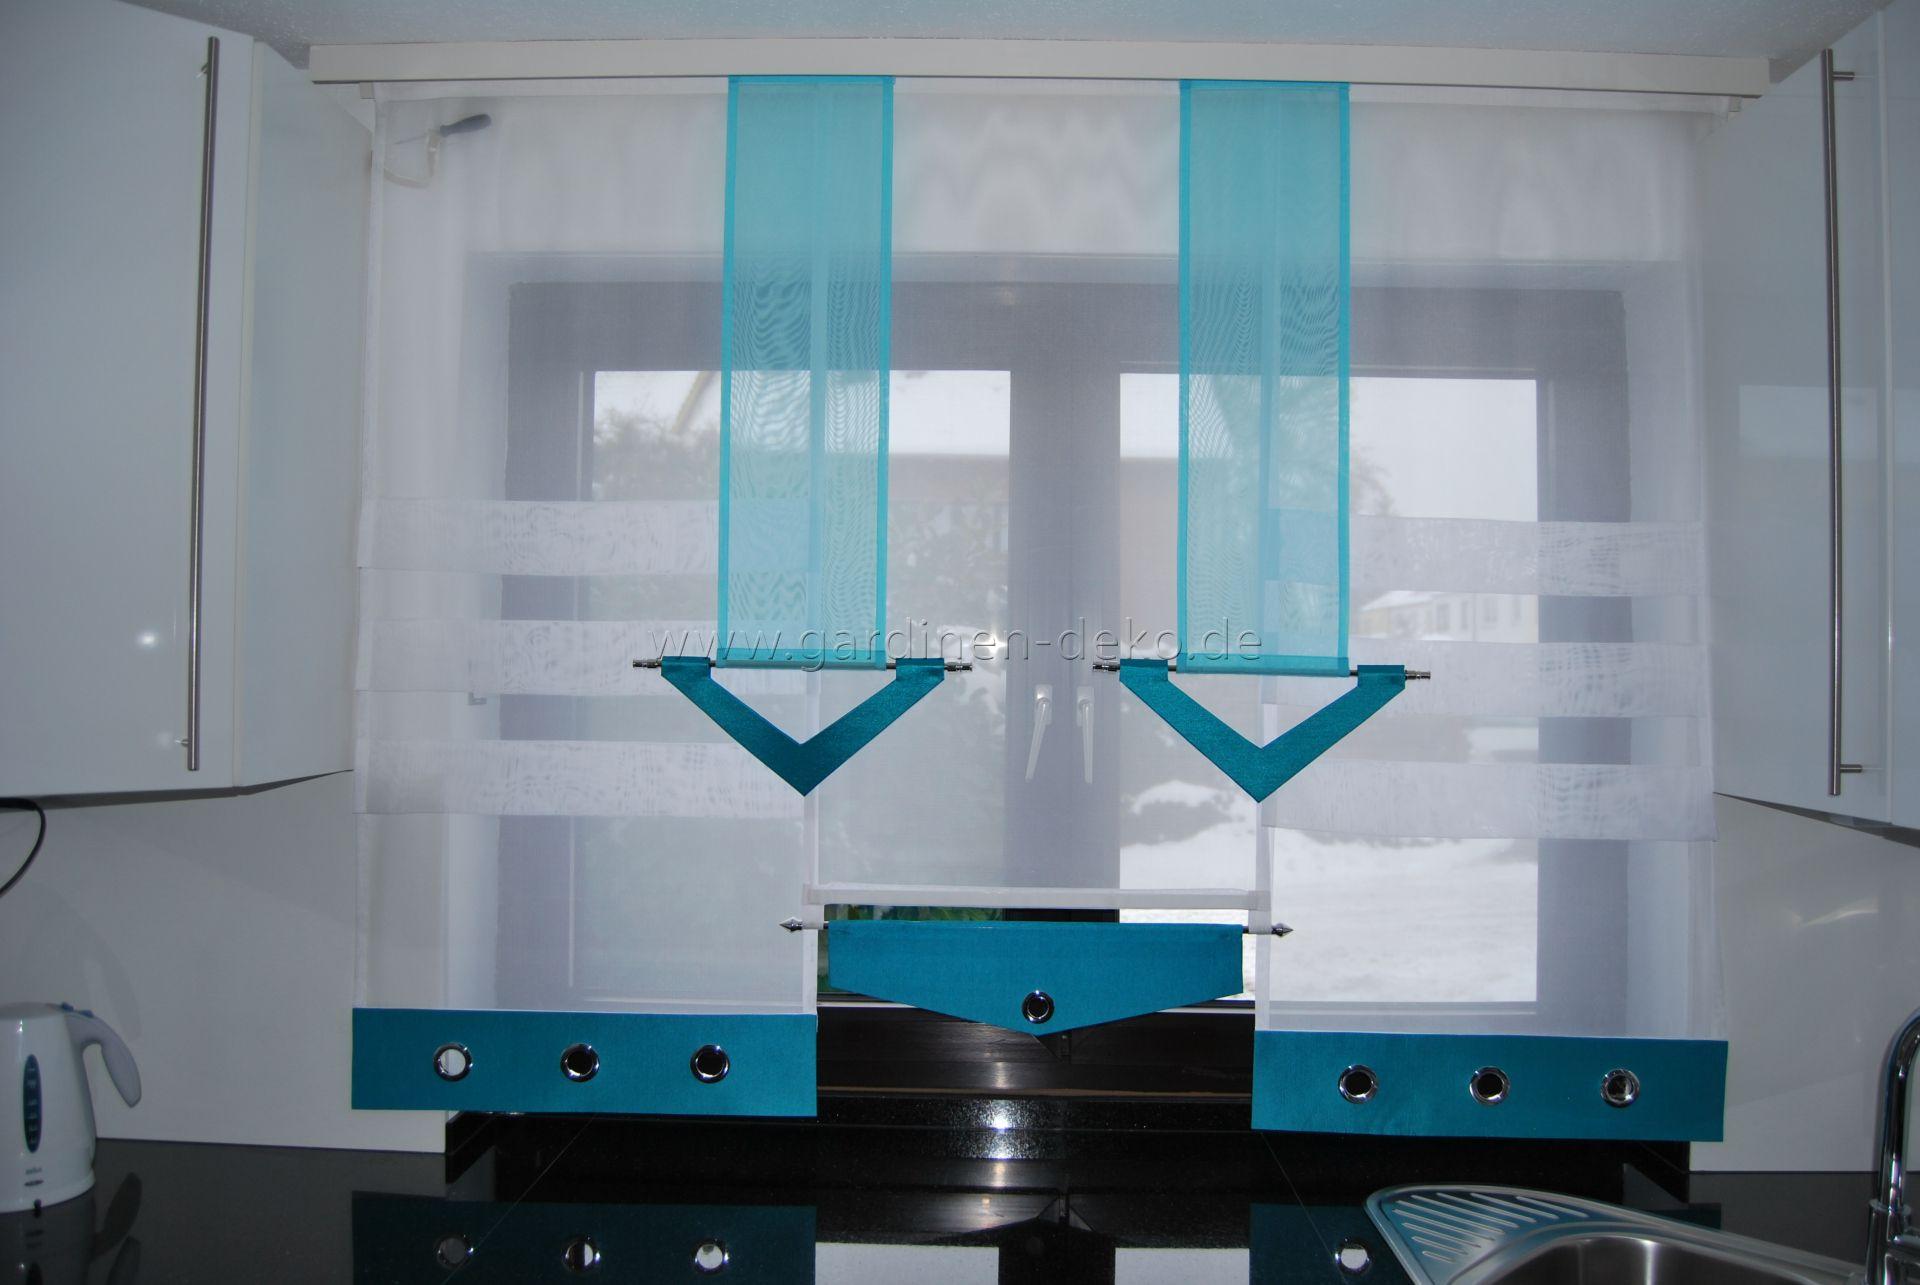 Stufenvorhang für die Küche in edlem türkis und weiß mit Ösen - http ...